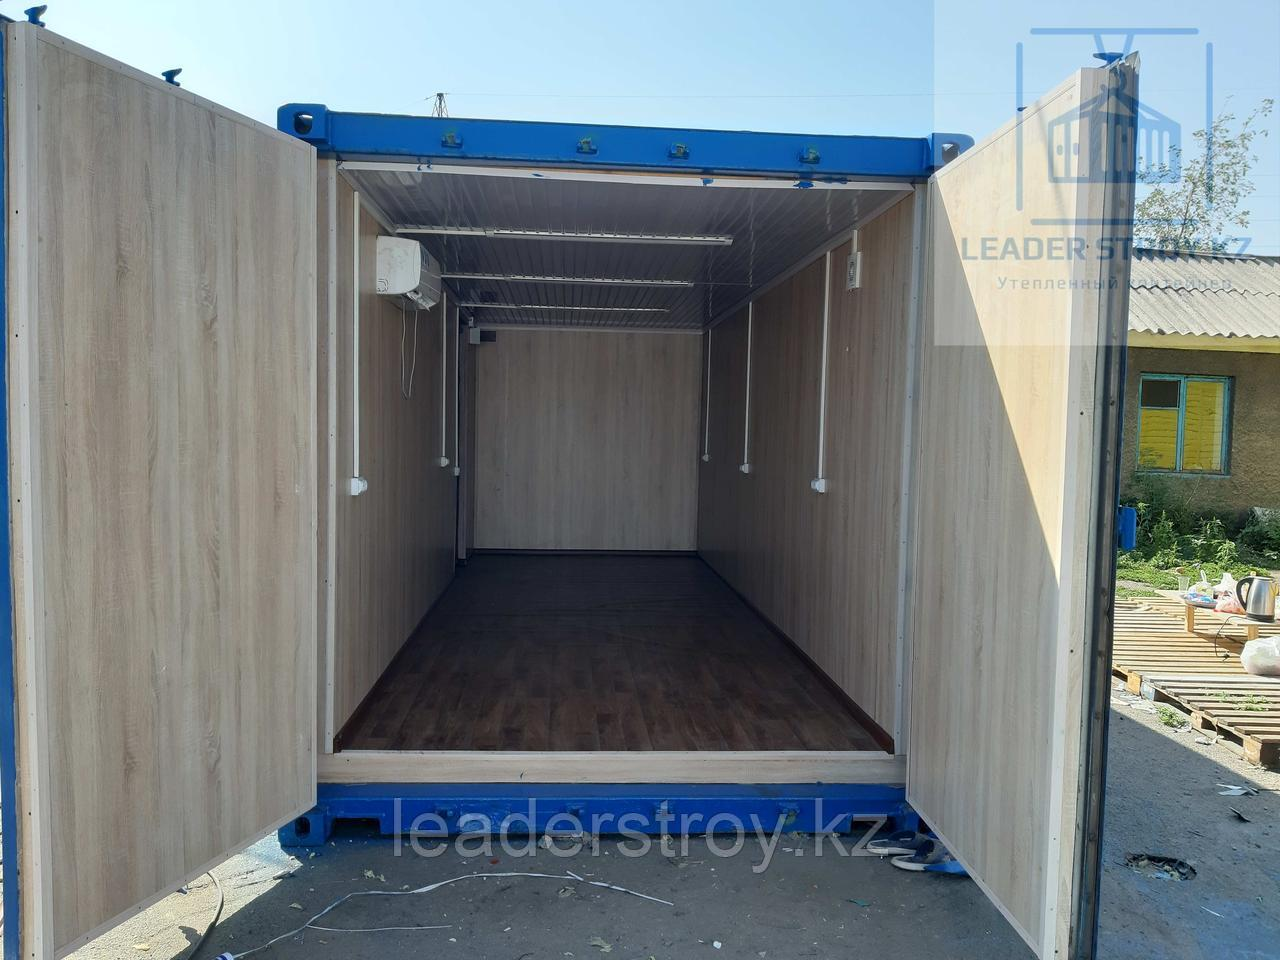 Жилой контейнер 20 фут. под офис